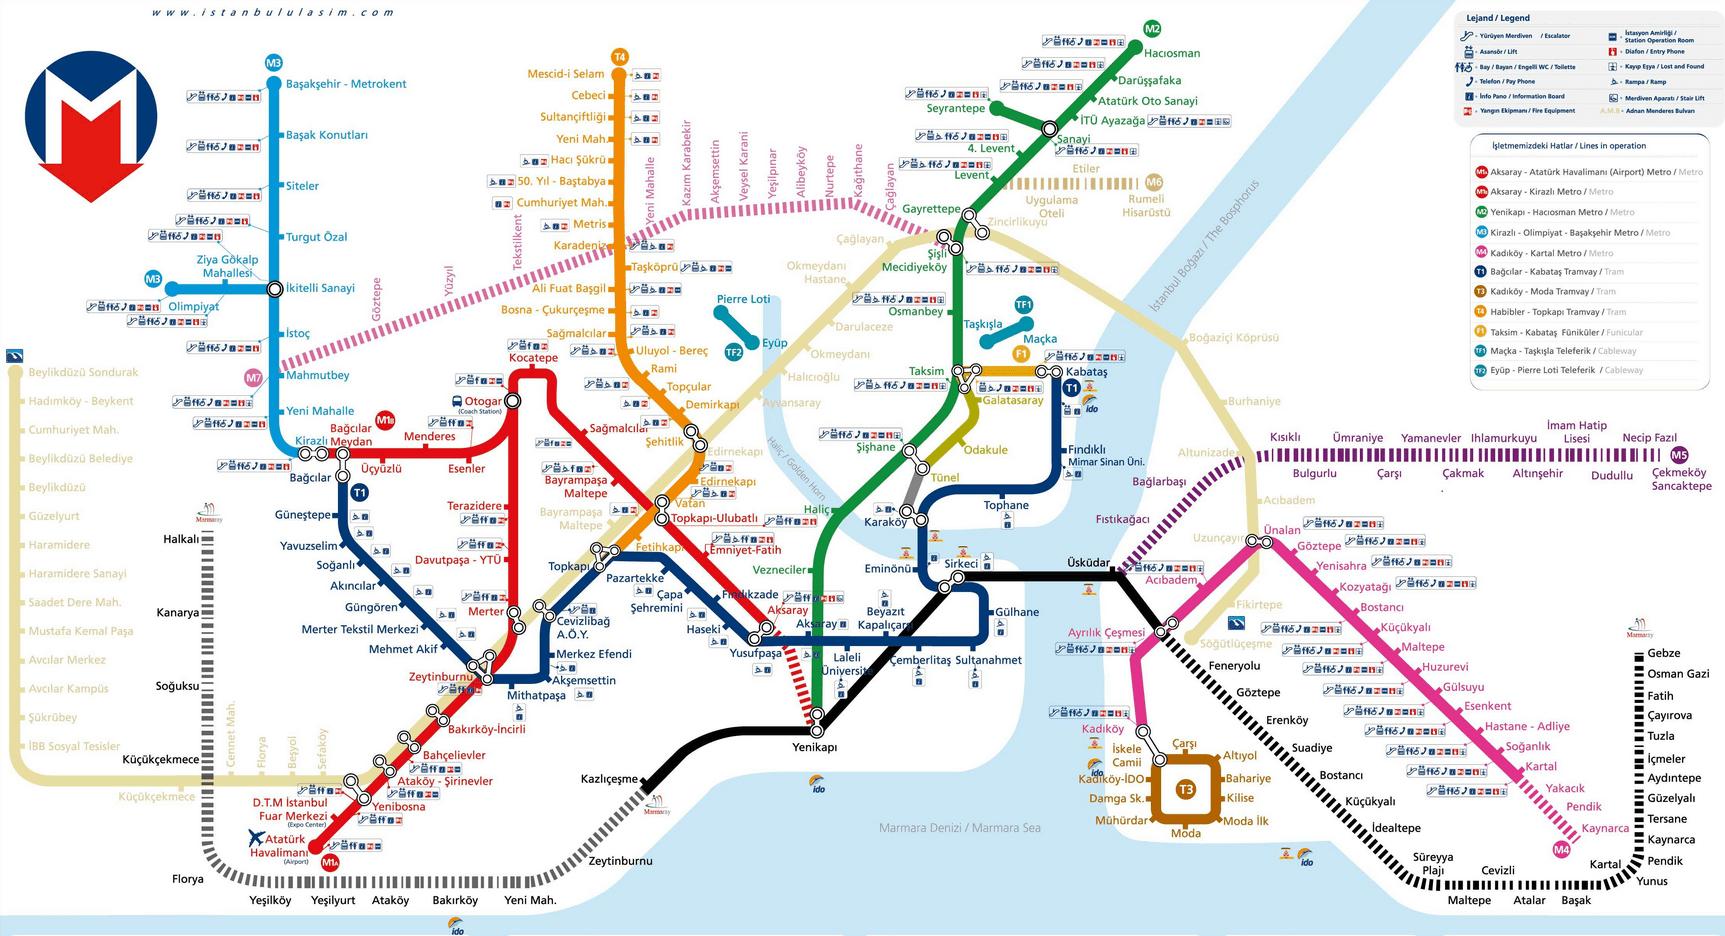 İstanbul toplu taşım haritası